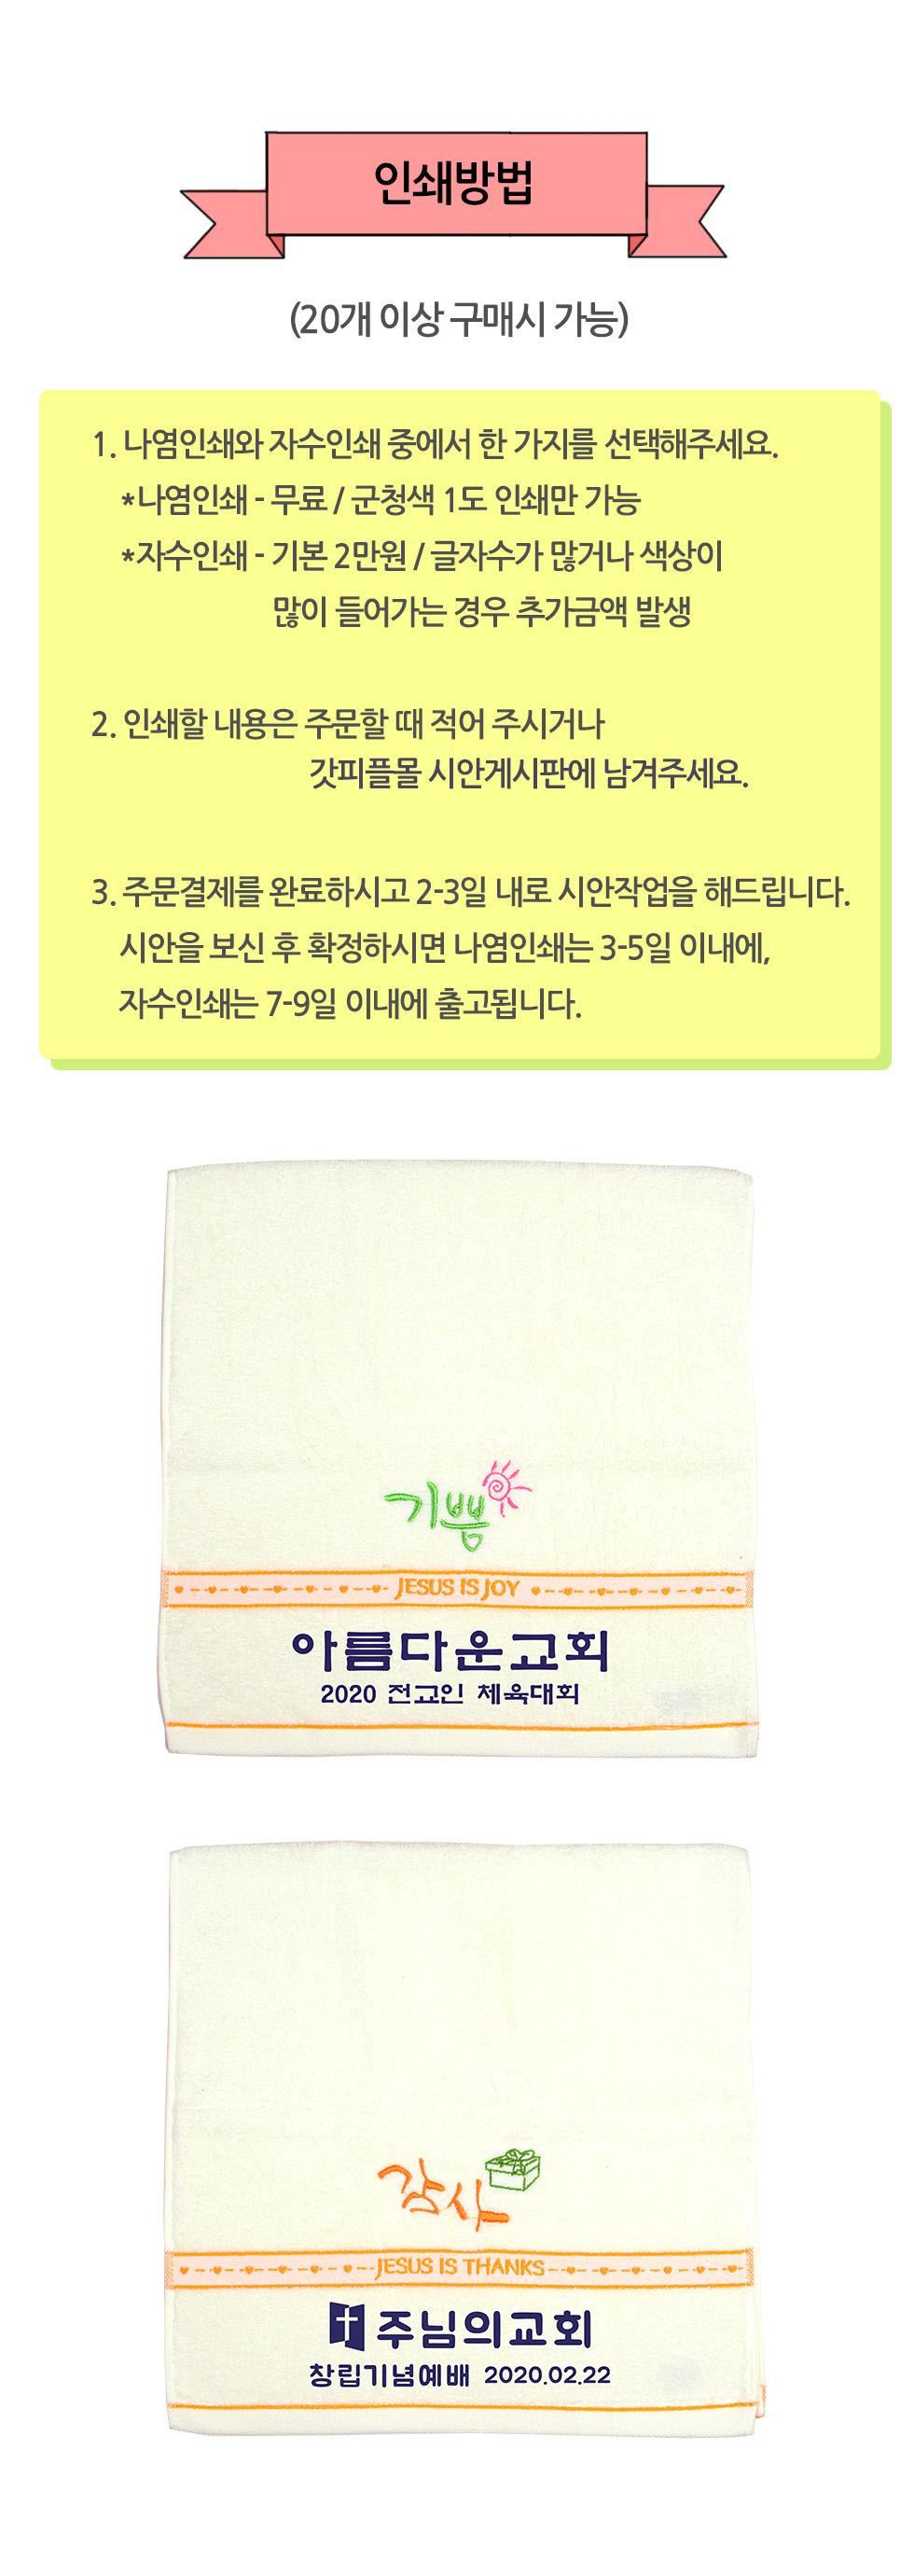 캘리그래피 수건 평안/기쁨/사랑/감사 인쇄방법